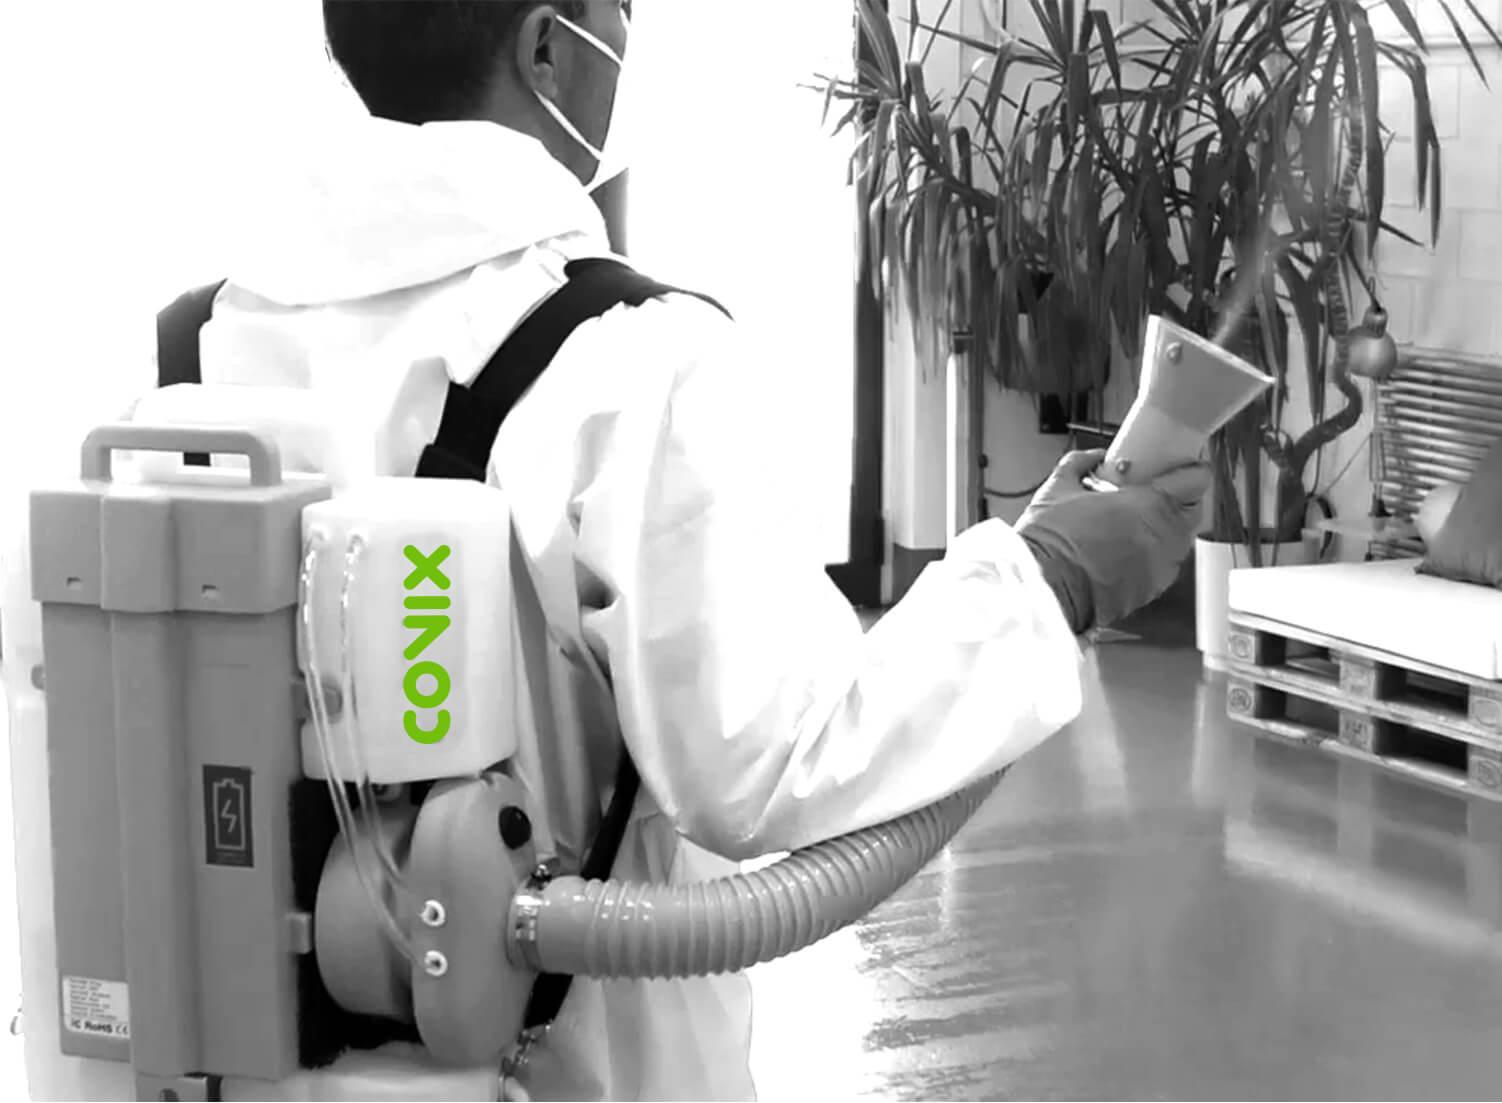 Nébulisateurs ULV pour la désinfection des locaux et des surfaces